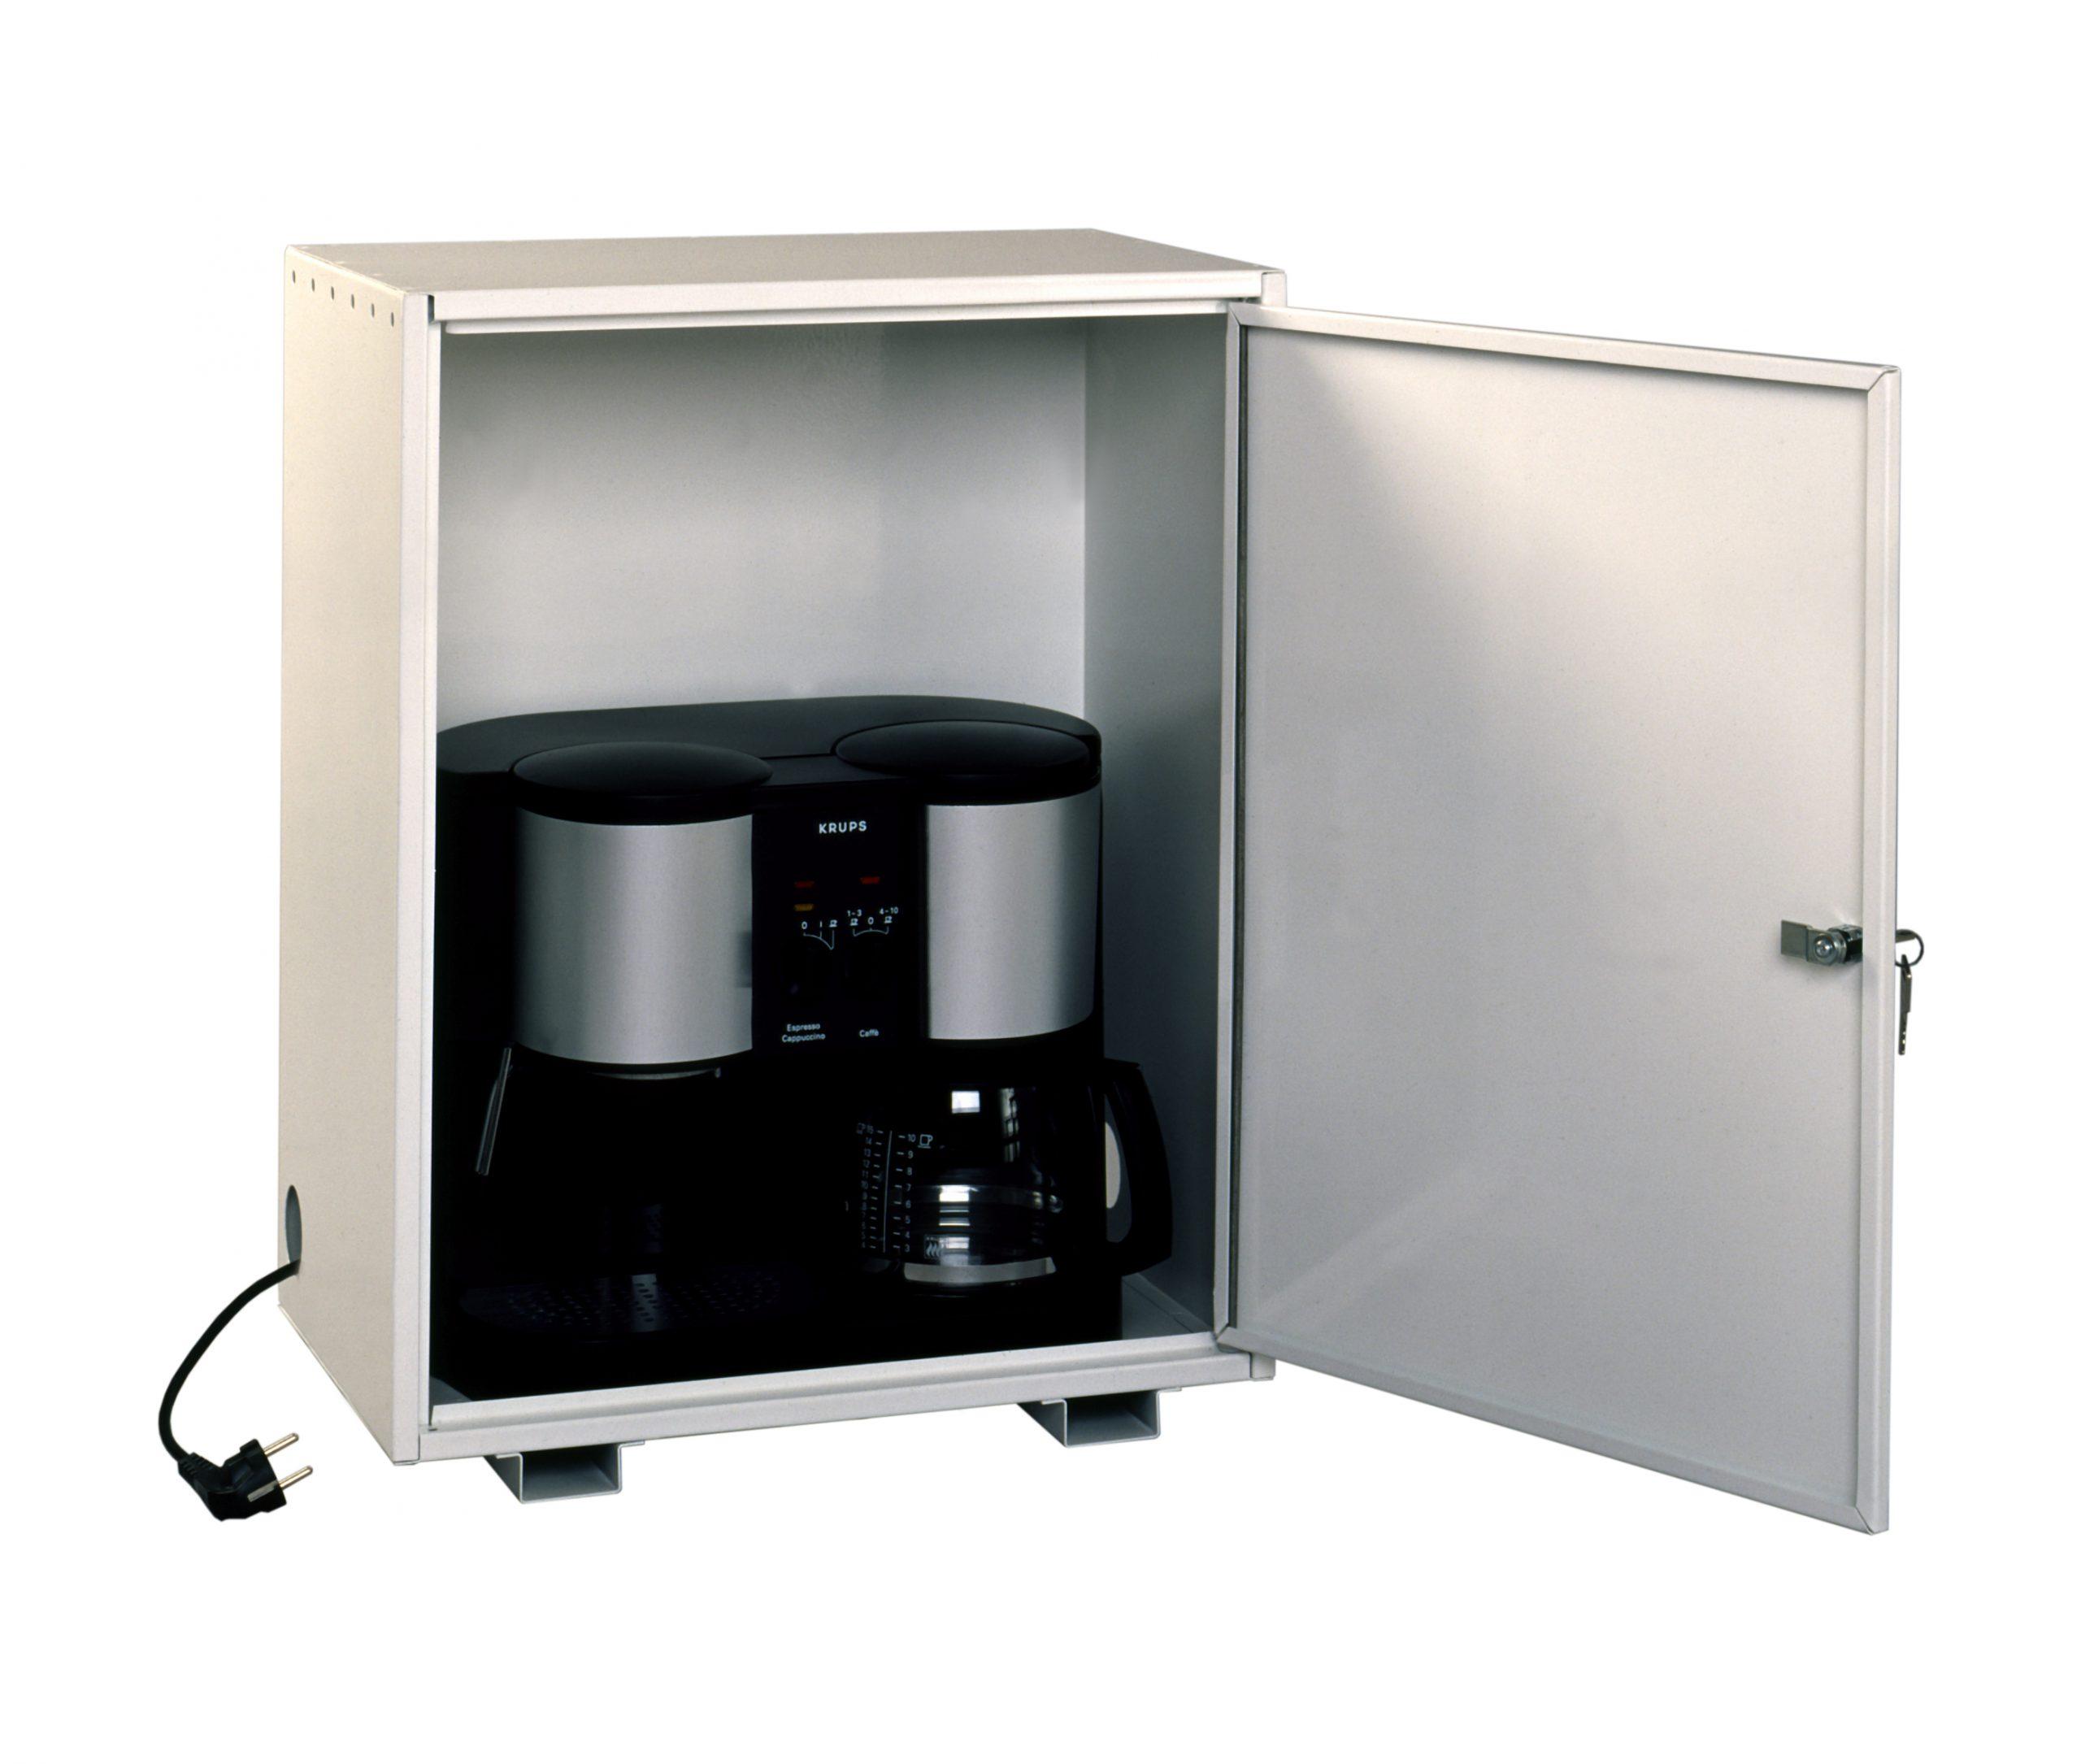 Skåp för kaffebryggare VS425